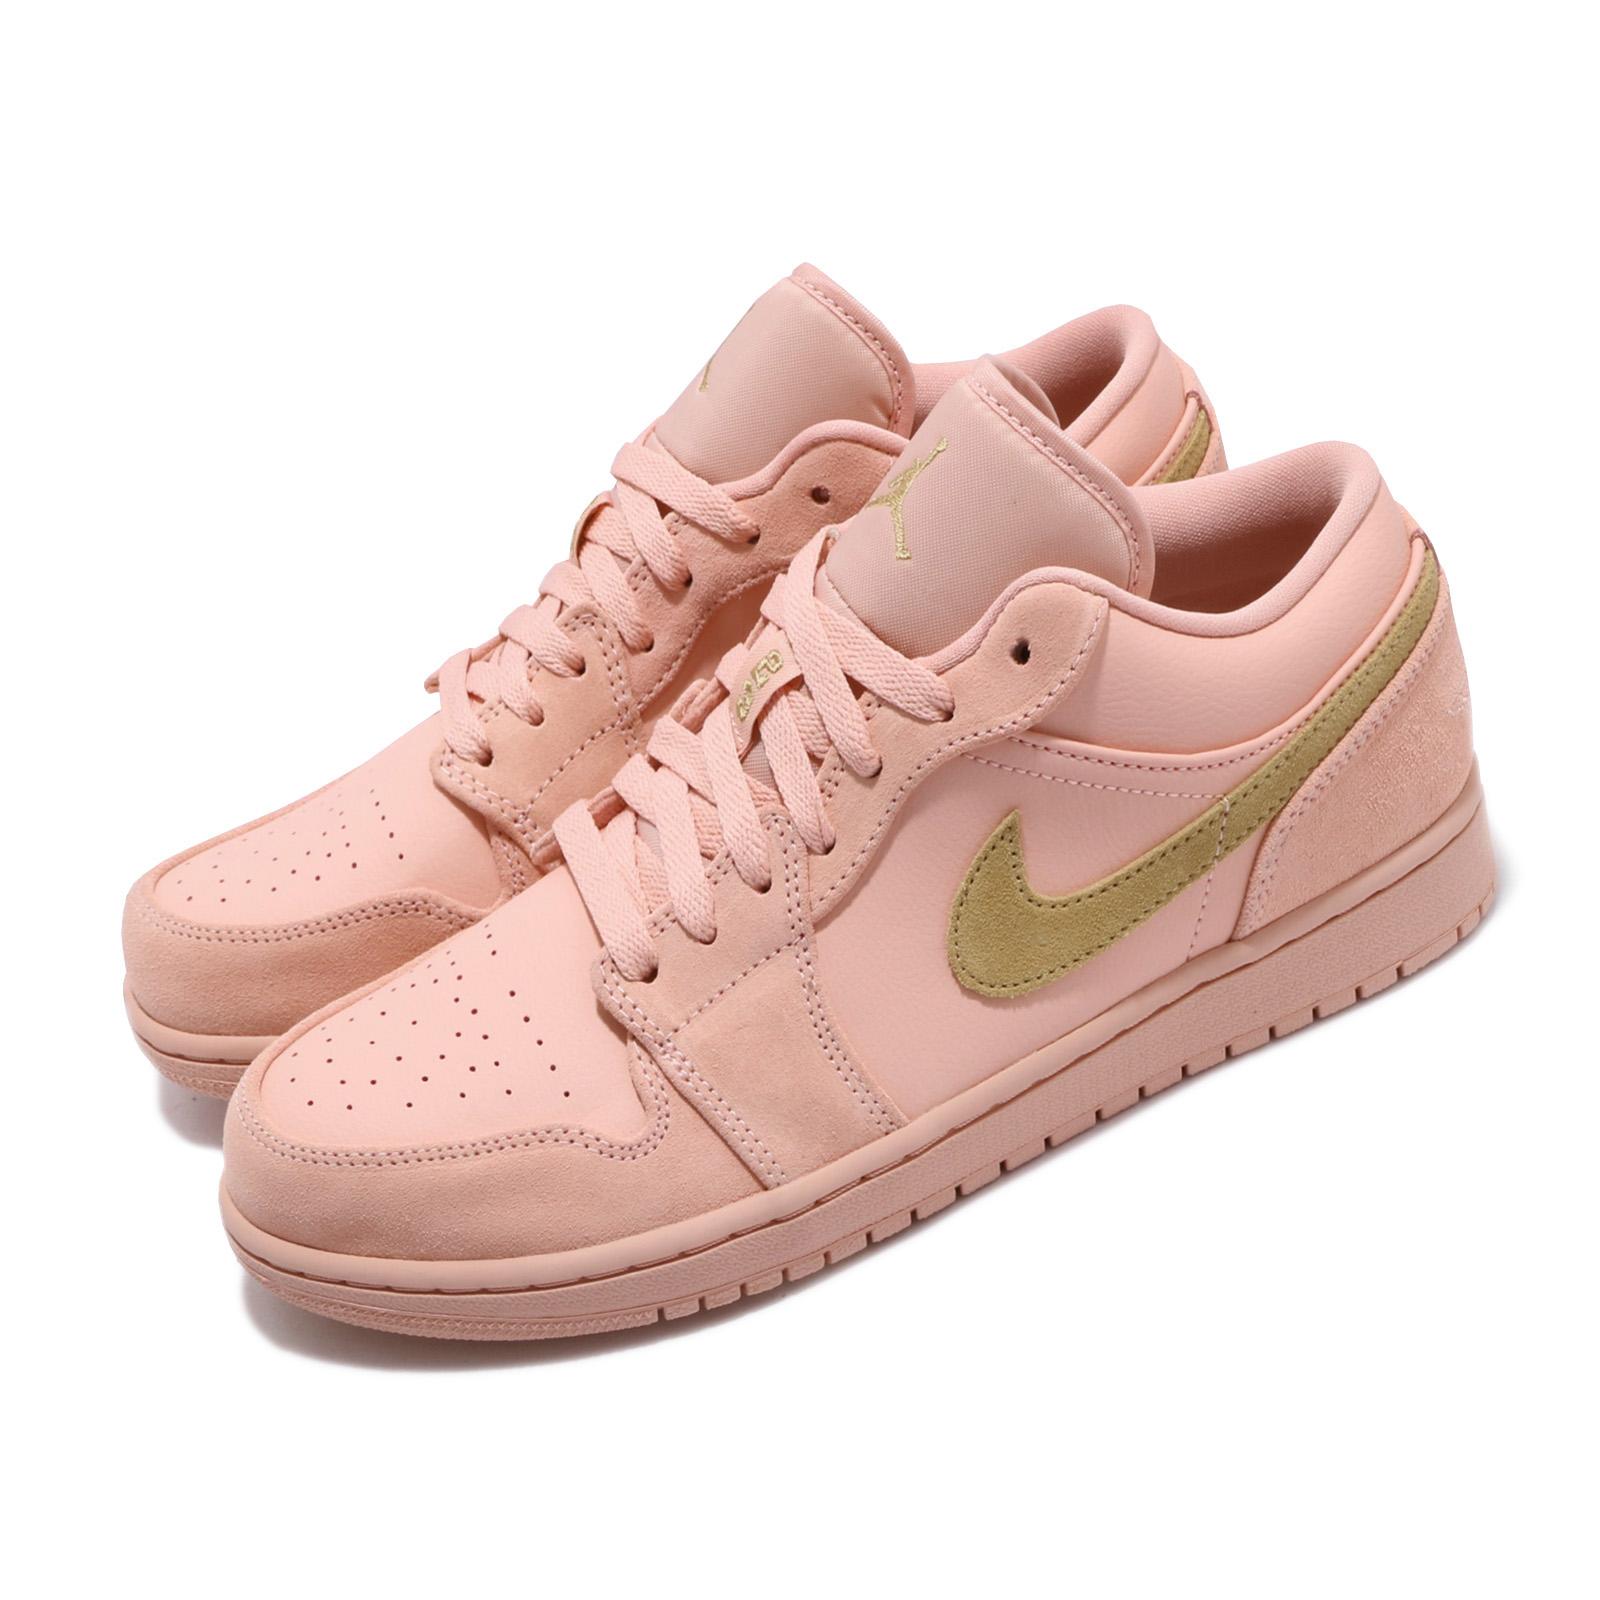 Nike 籃球鞋 Air Jordan 1 男鞋 CJ9216-676